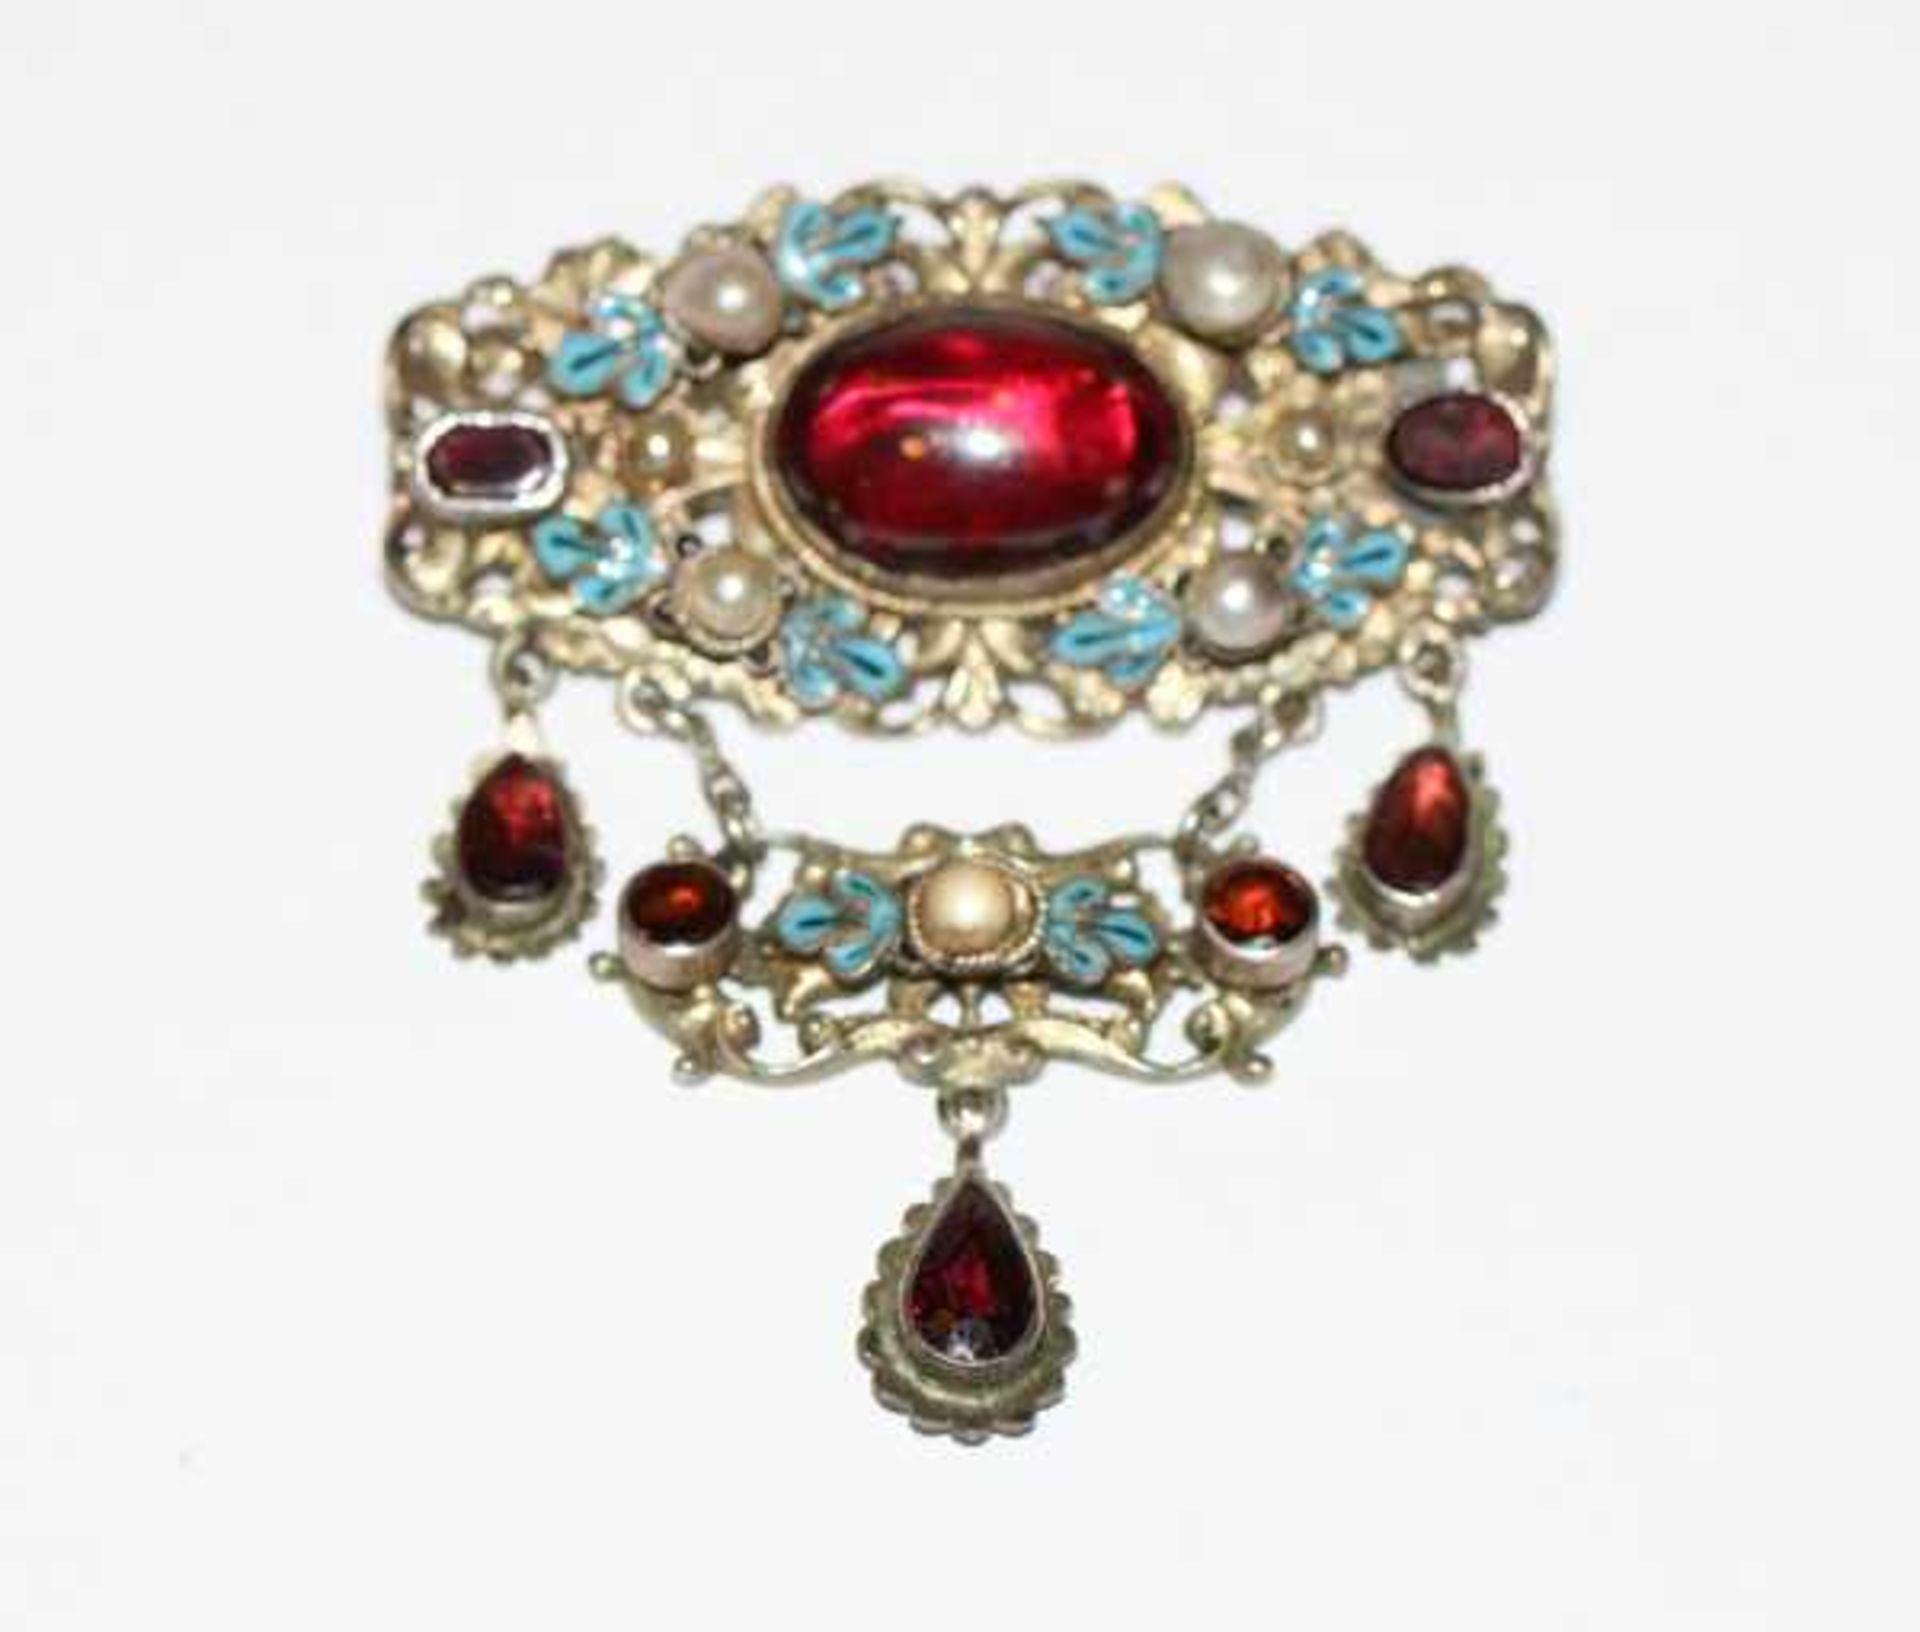 Dekorative Silber Brosche mit blau emailliertem Blattdekor, Perlen und Farbsteinen ?, 19.